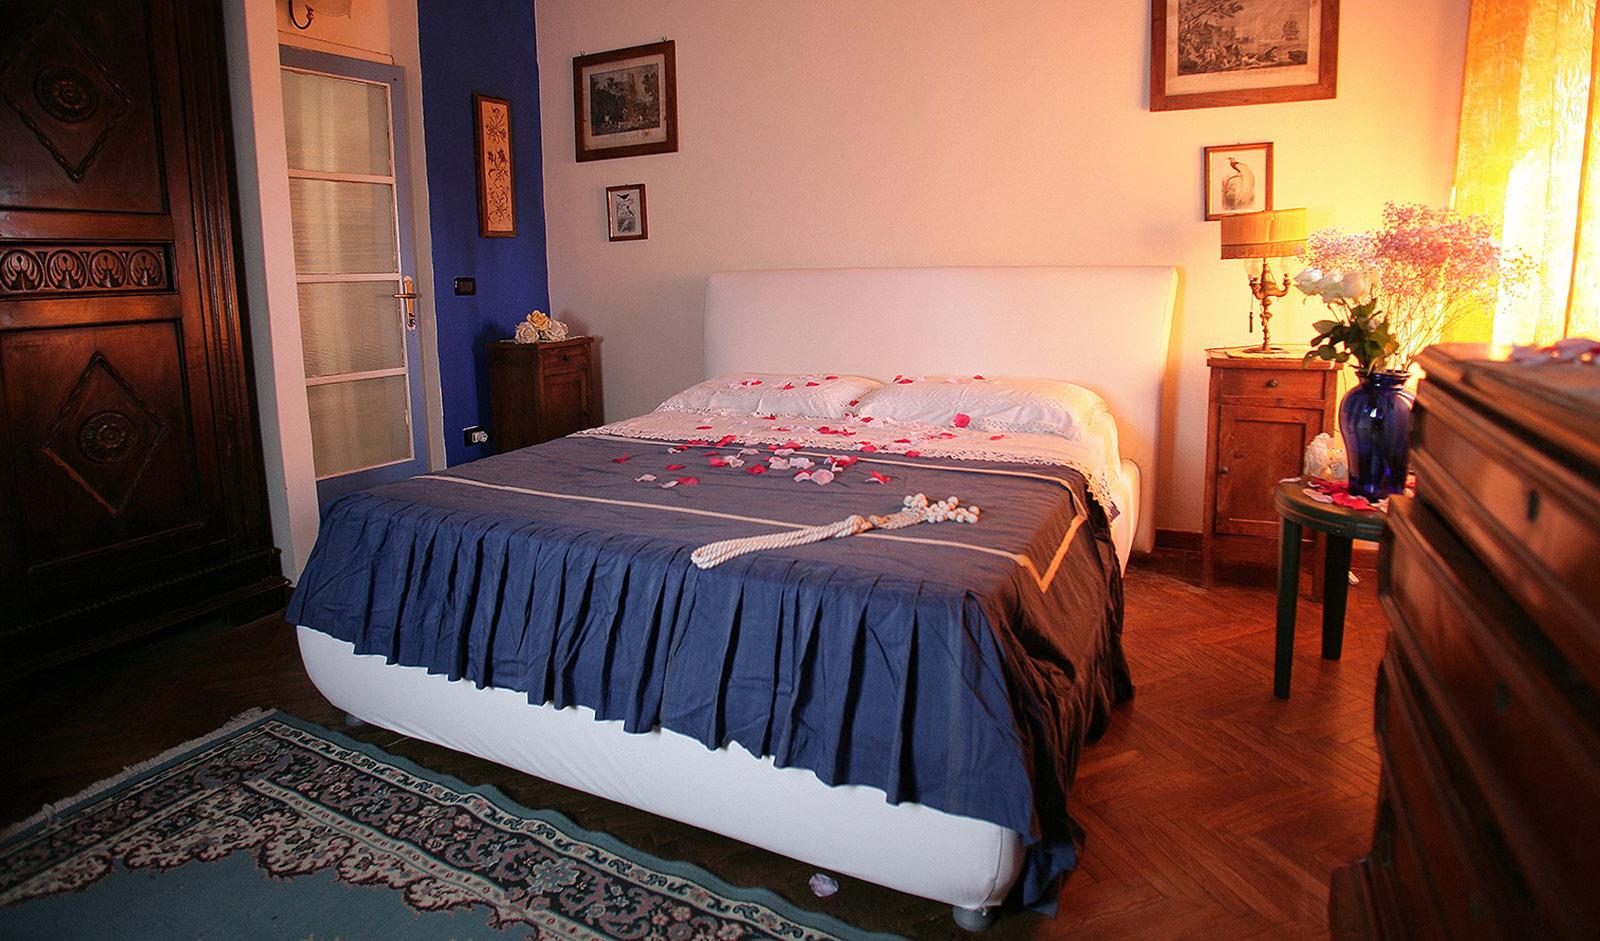 Case Arredate Con Gusto appartamenti e suite al lago arredati con gusto a gargnano